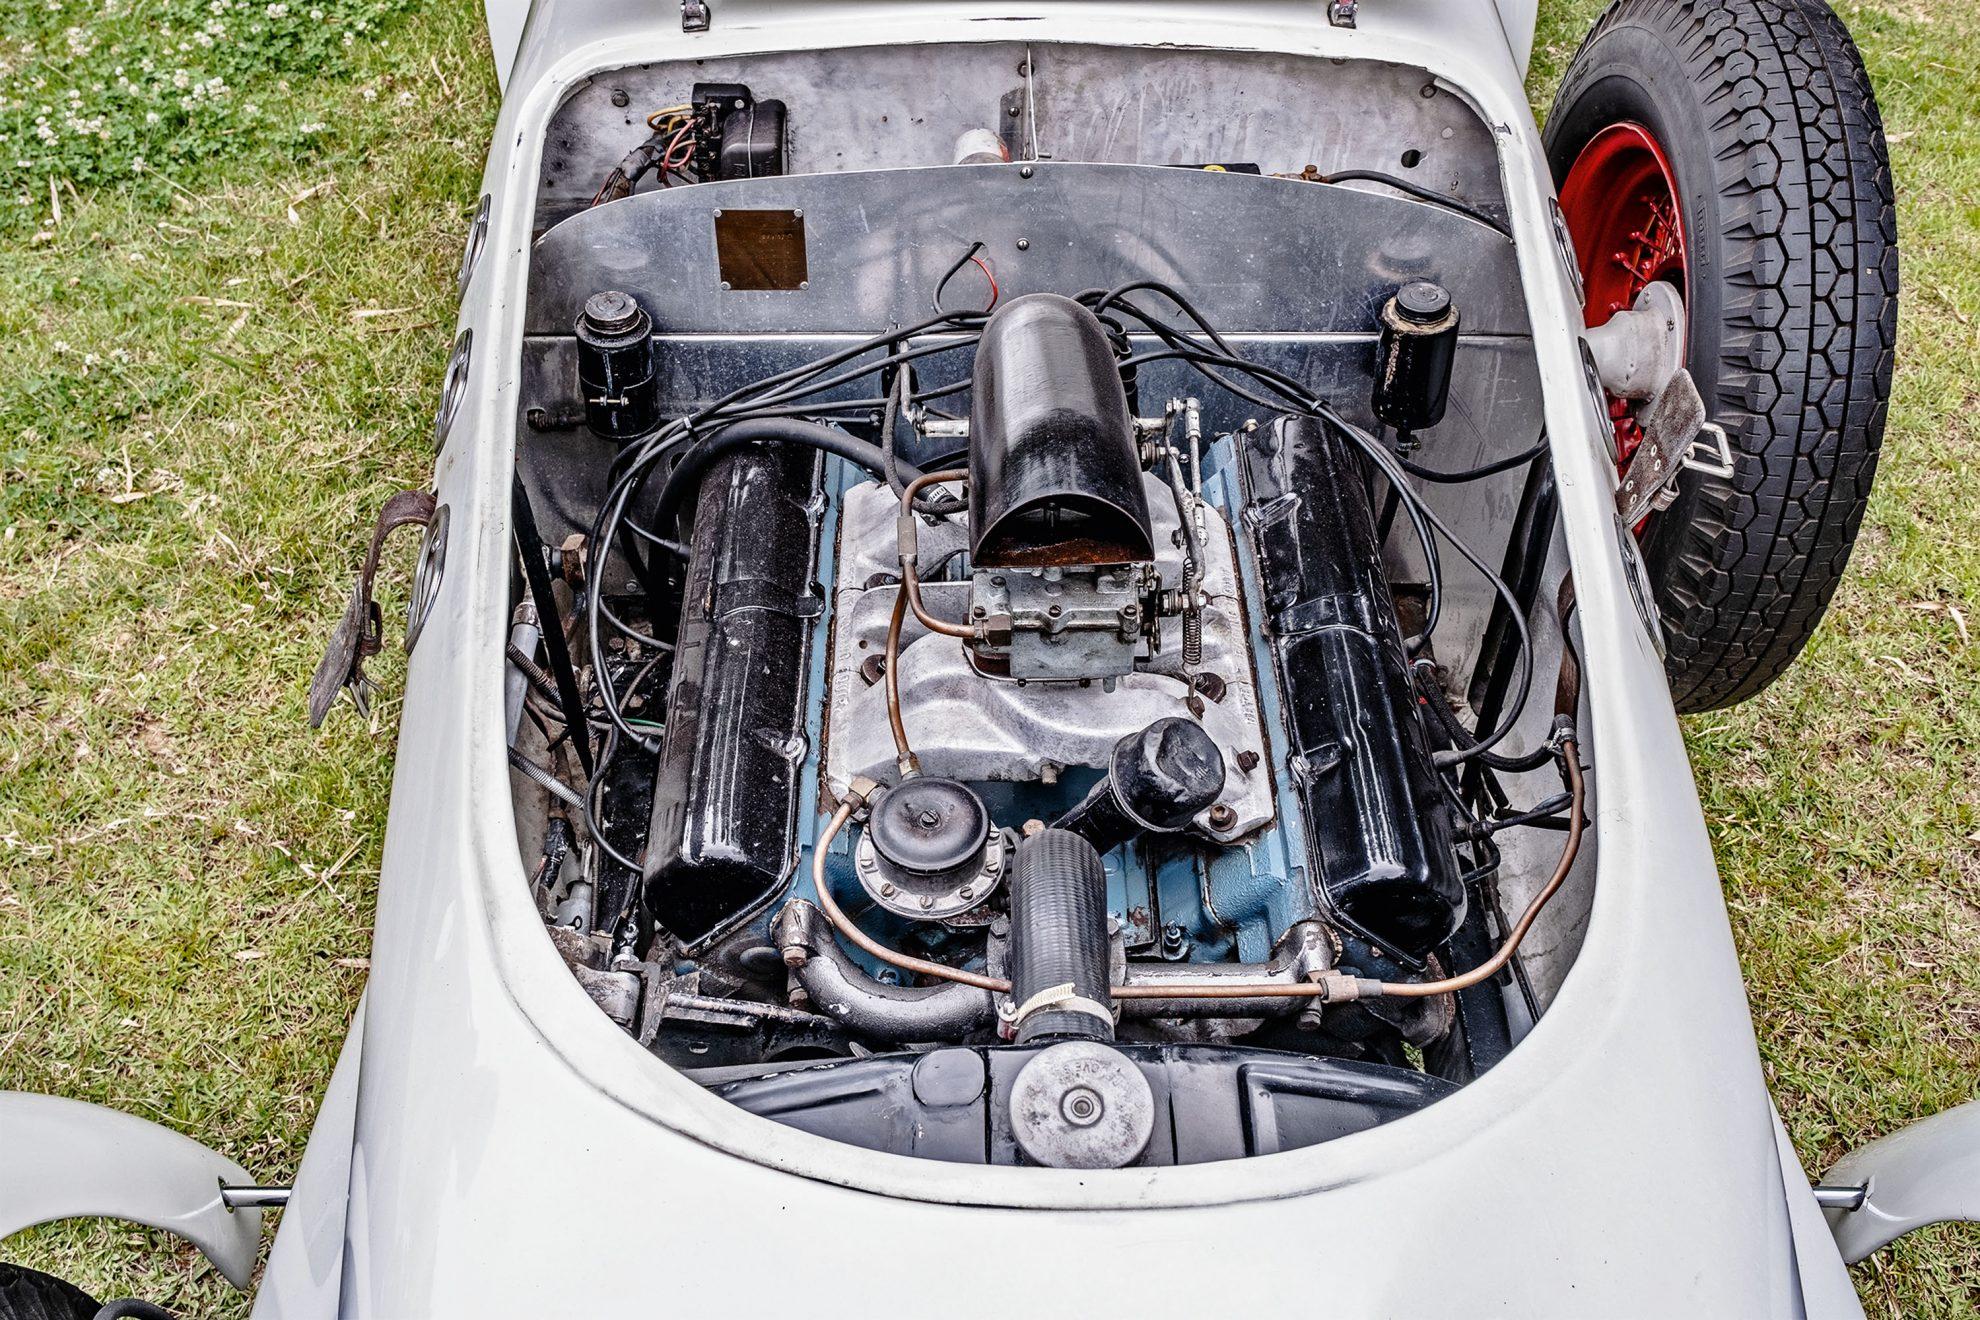 Instalado na dianteira, o V8 da Cadillac gera 160 cv de potência